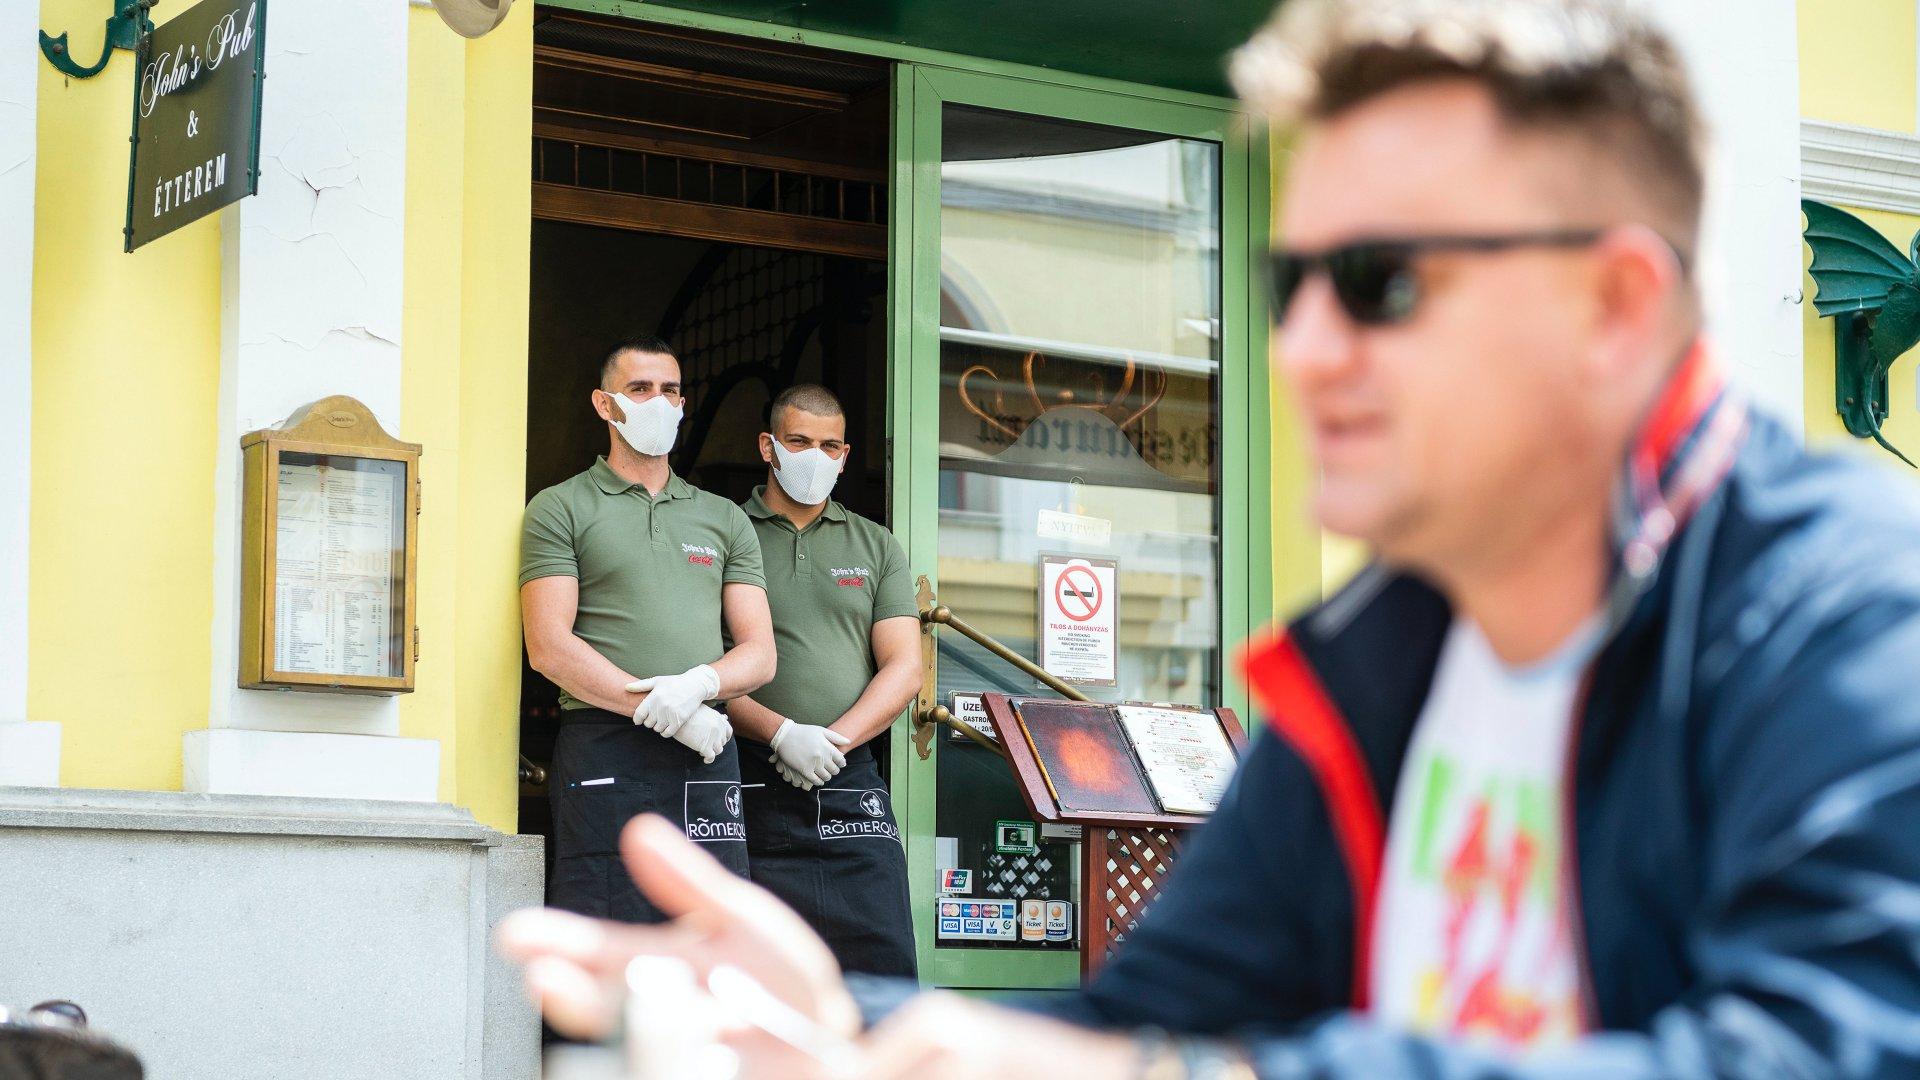 étterem maszk koronavírus enyhítés